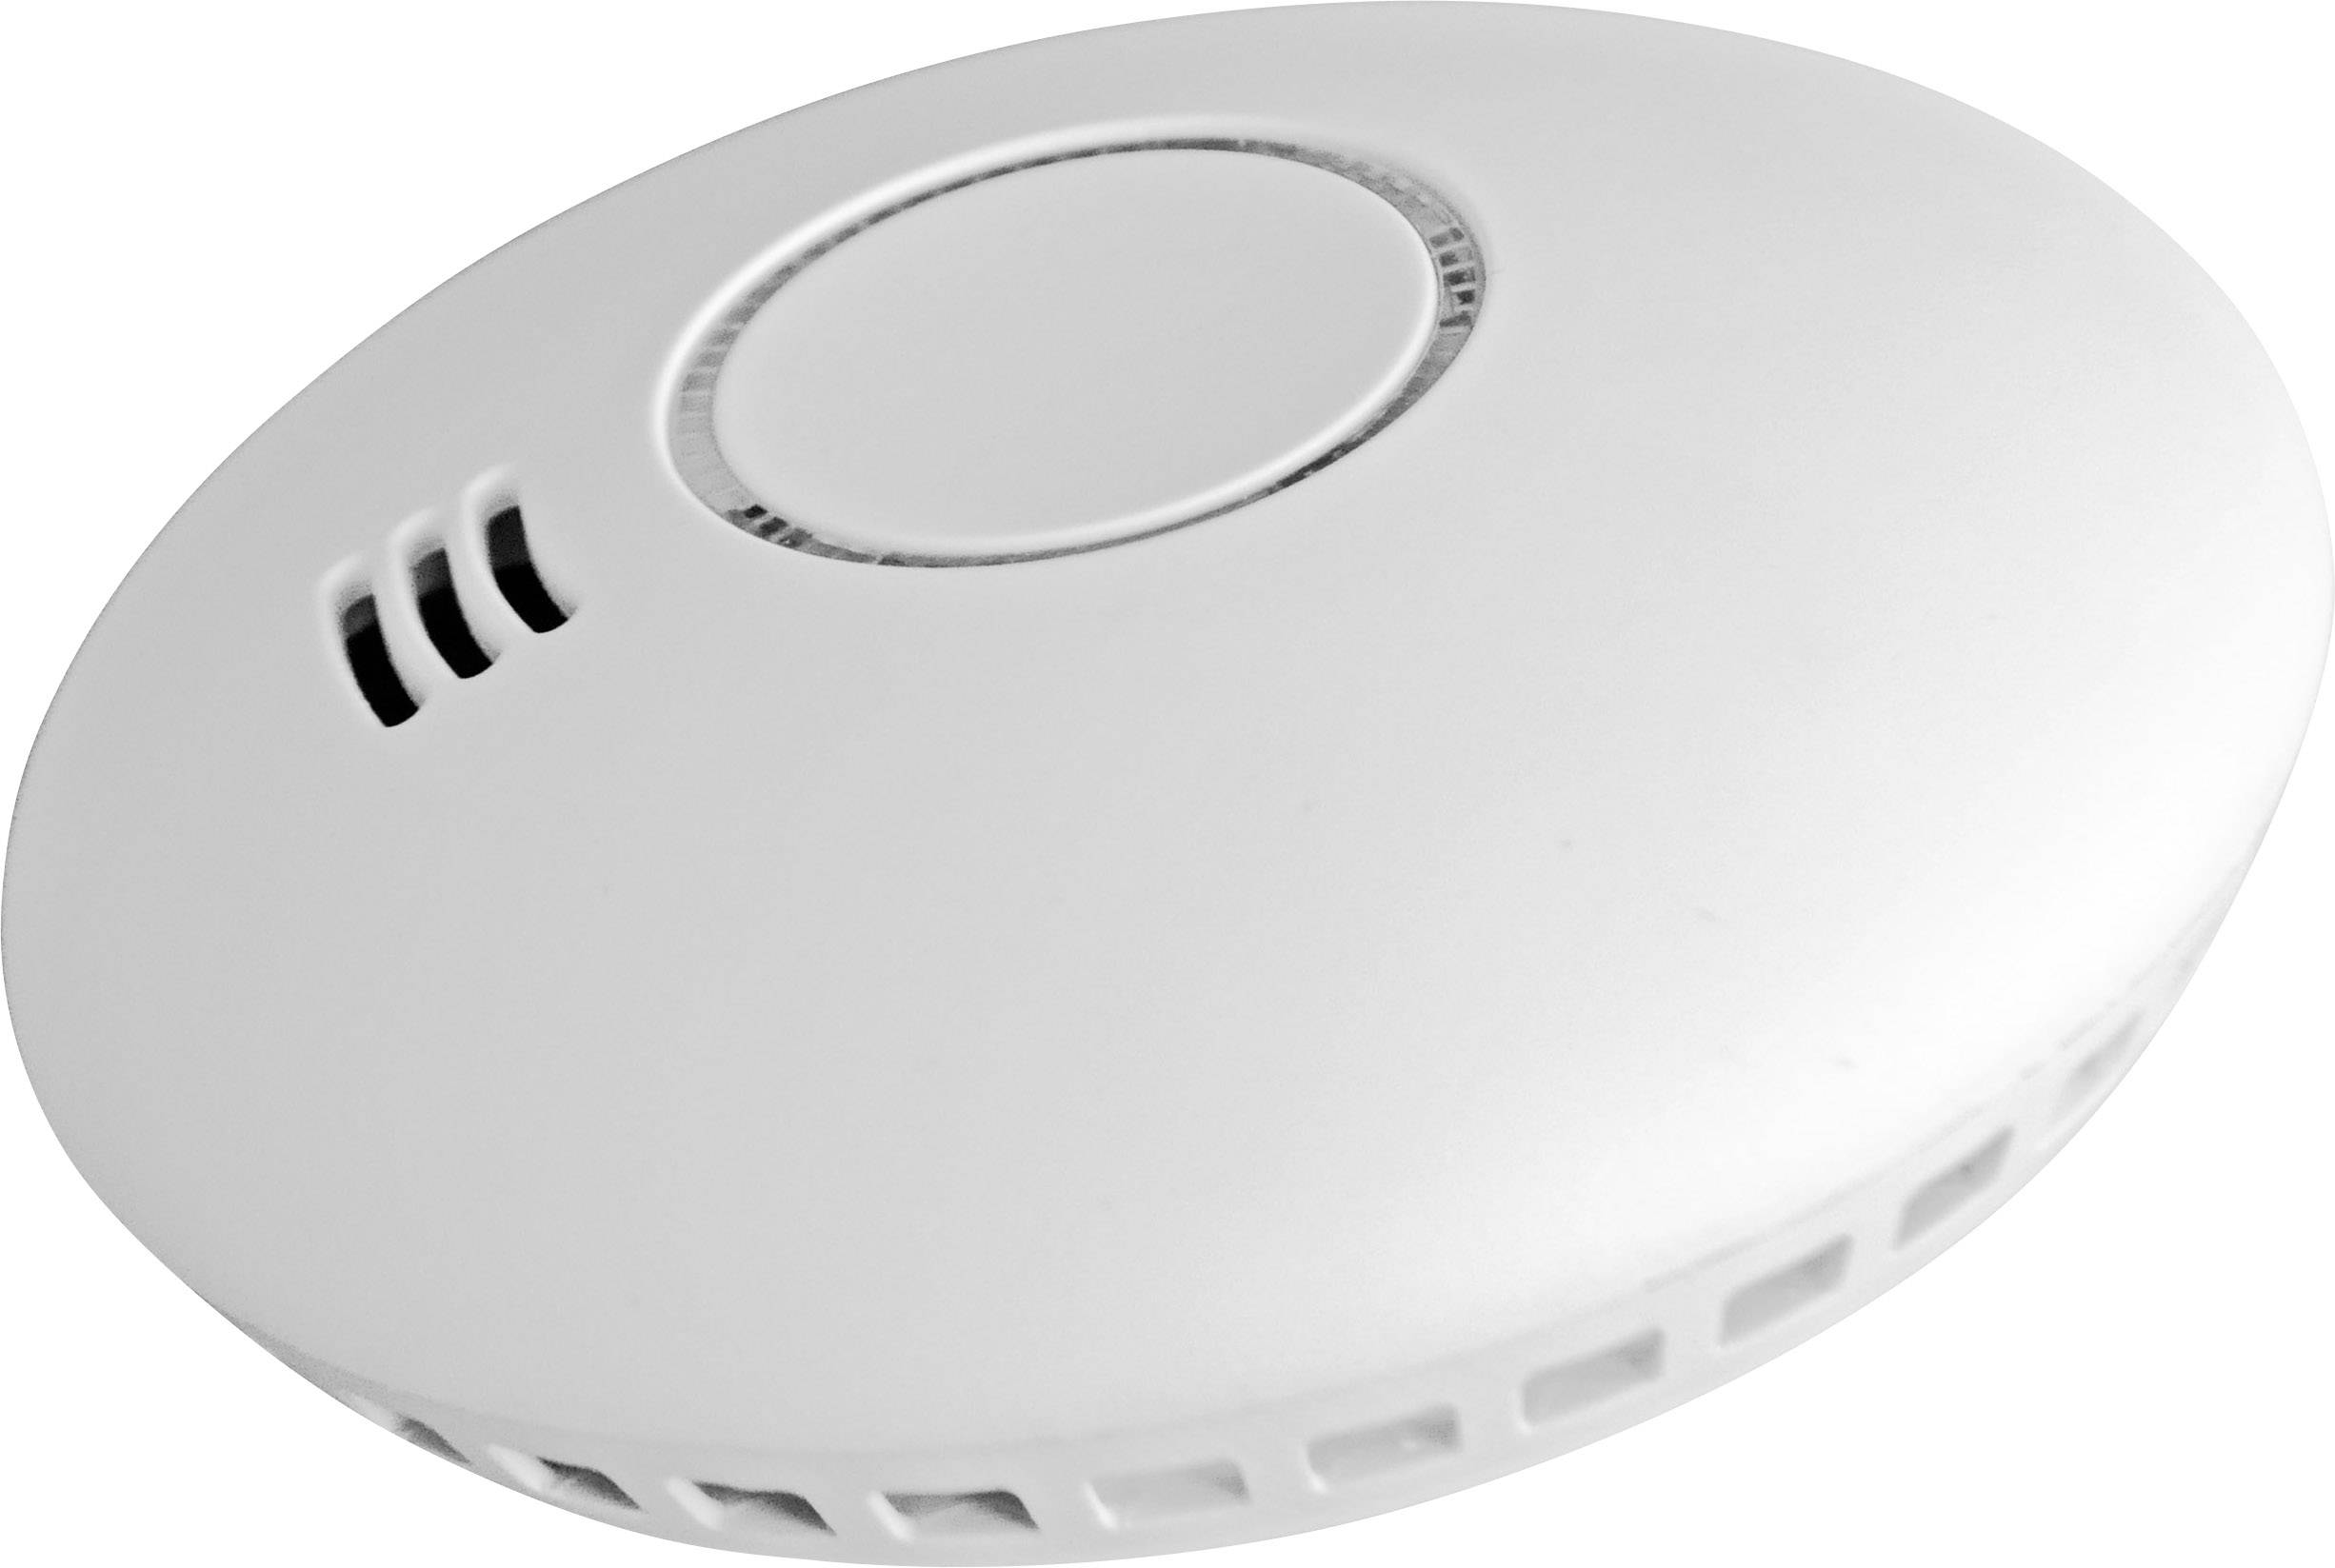 Bezdrátový detektor kouře a tepla Cordes CC-80, možnost vzájemného propojení, na baterii